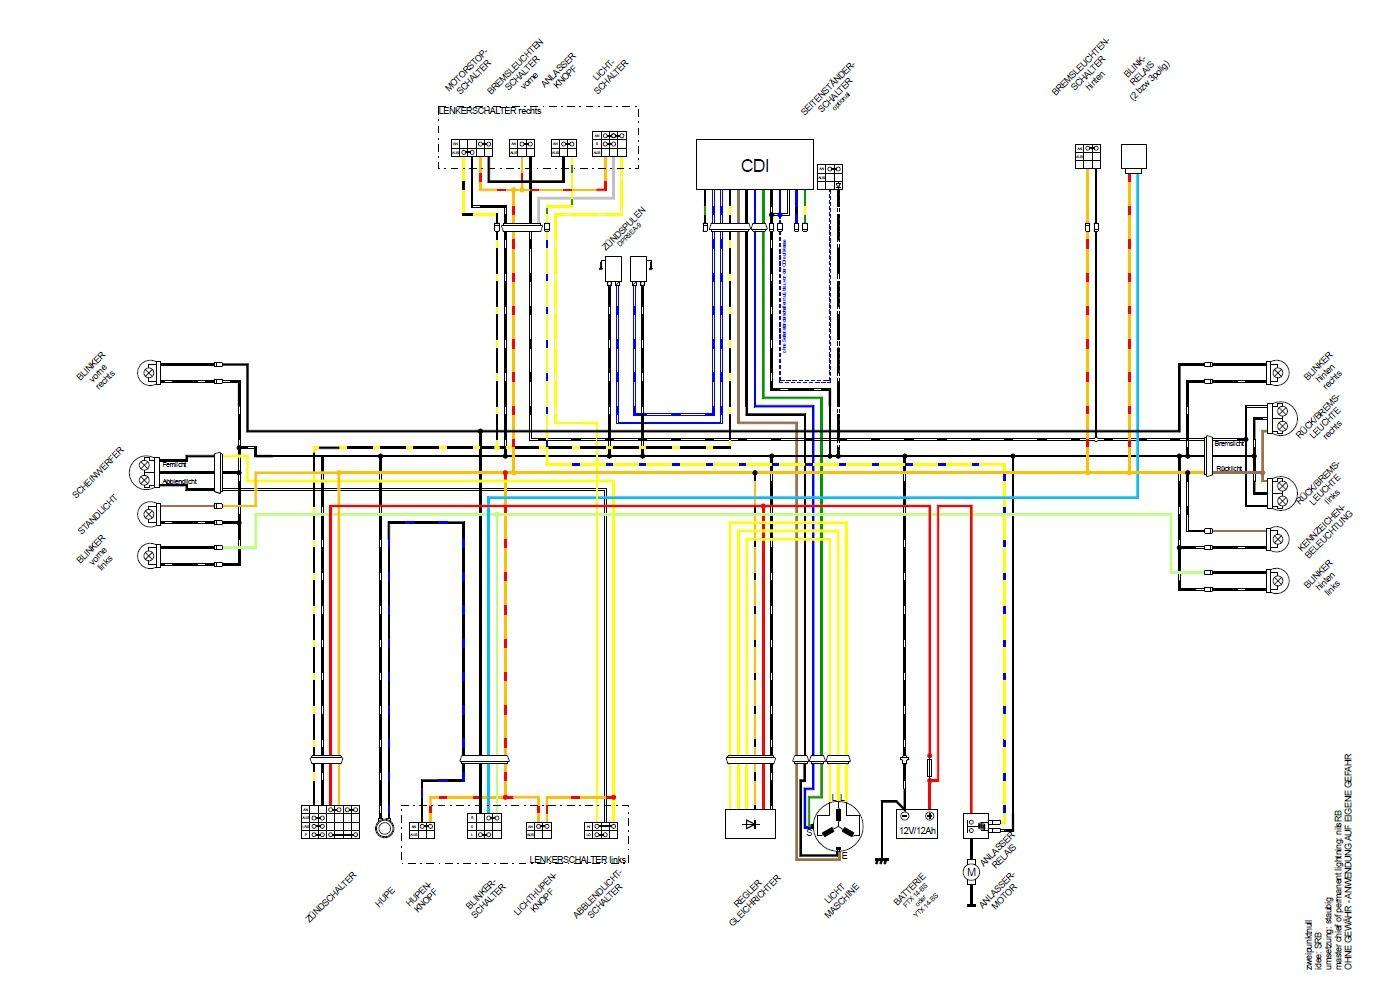 Nett Schaltplan 1993 Dr 350 Ideen - Die Besten Elektrischen ...